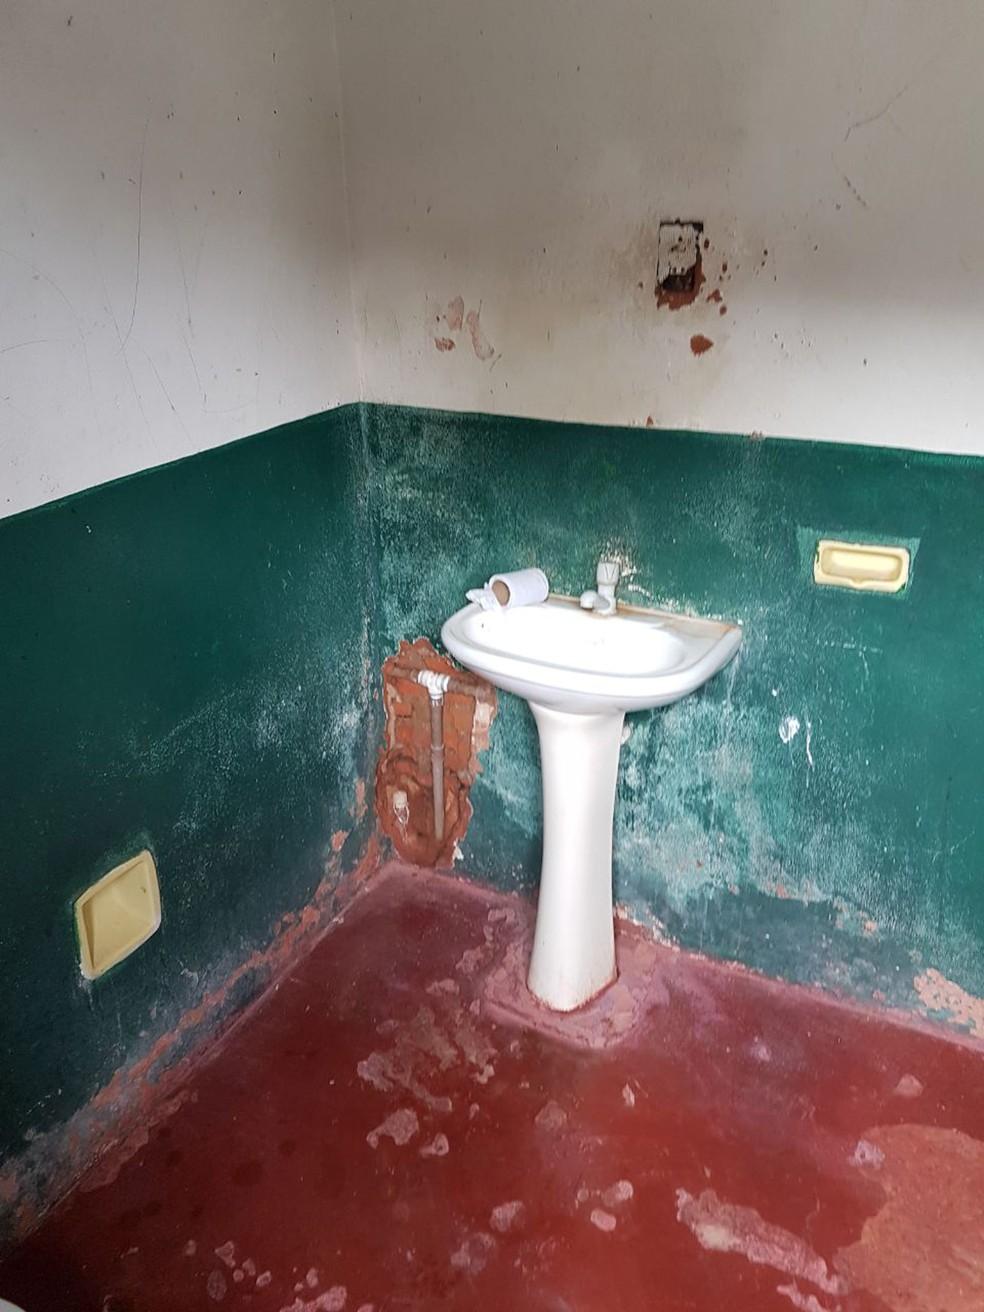 Banheiro em escola vistoriada pelo MP-MS em Bela Vista (Foto: MP-MS/Divulgação)